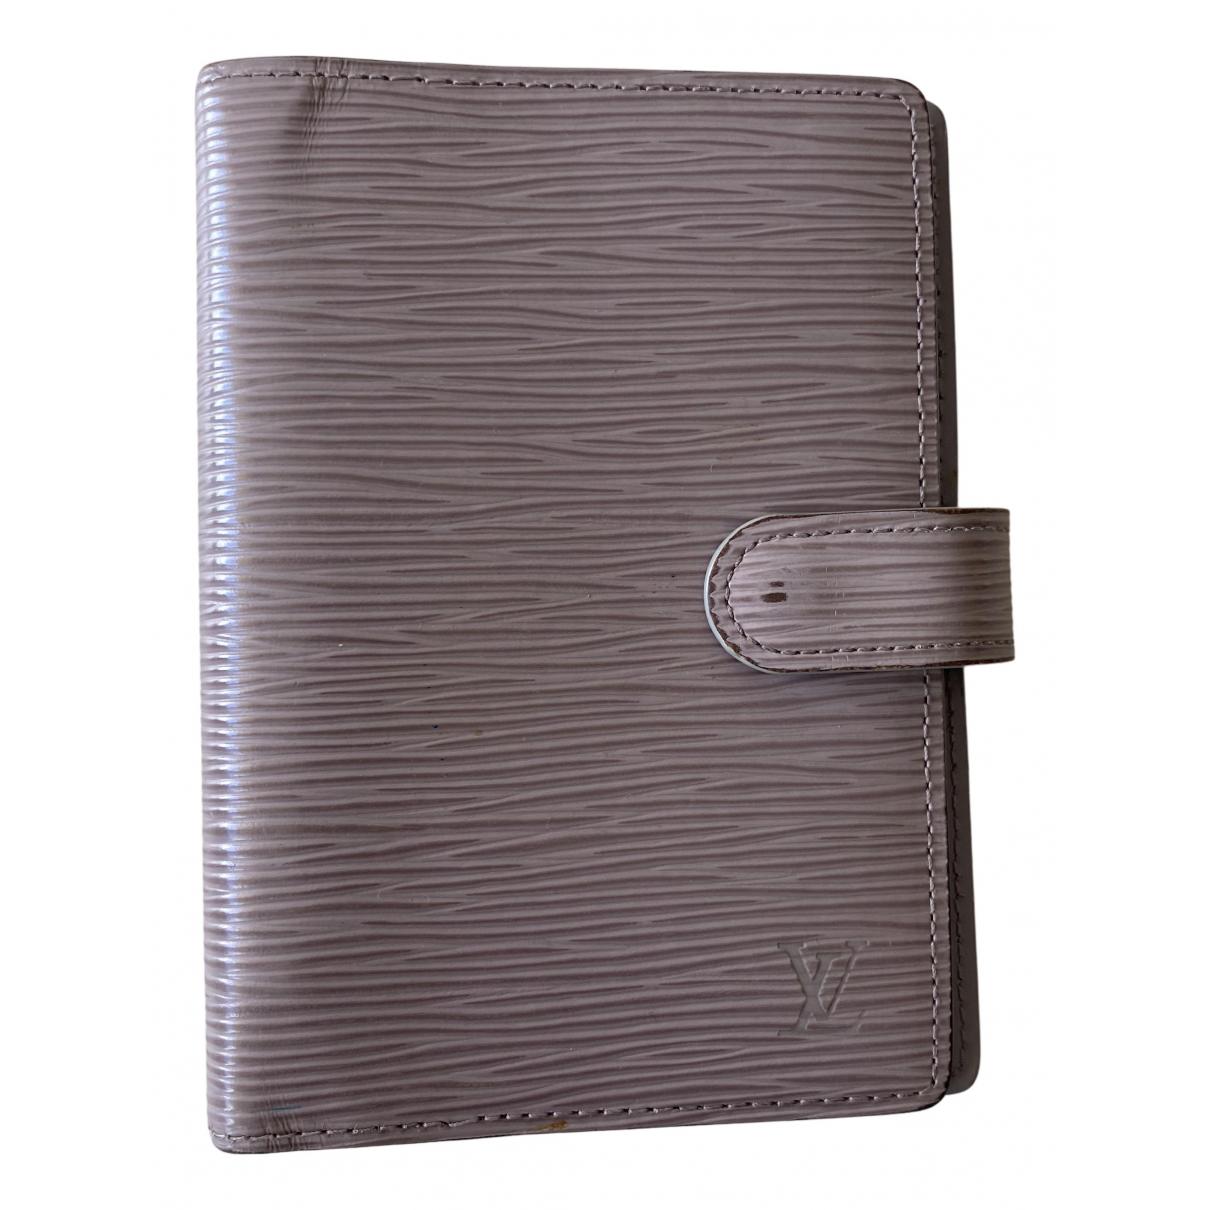 Louis Vuitton - Objets & Deco Couverture dagenda PM pour lifestyle en cuir - gris